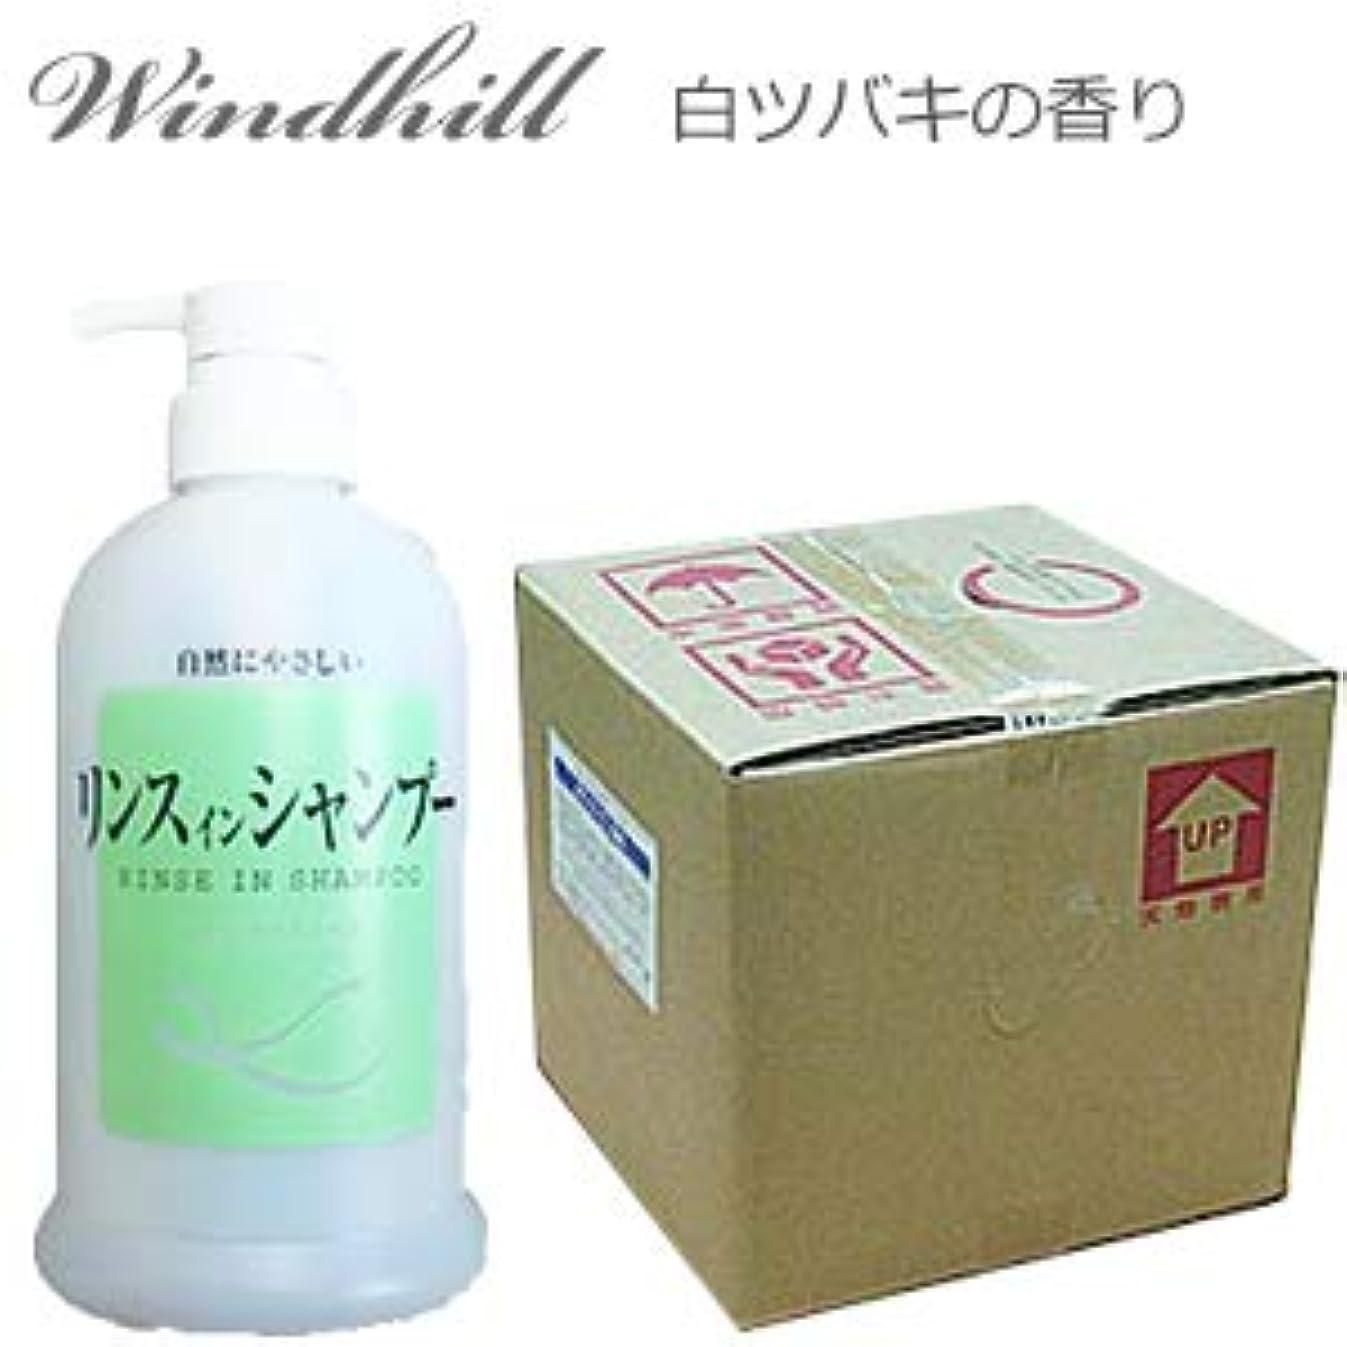 感嘆符谷残り物なんと! 500ml当り175円 Windhill 植物性 業務用 リンスインシャンプー 白椿の香り